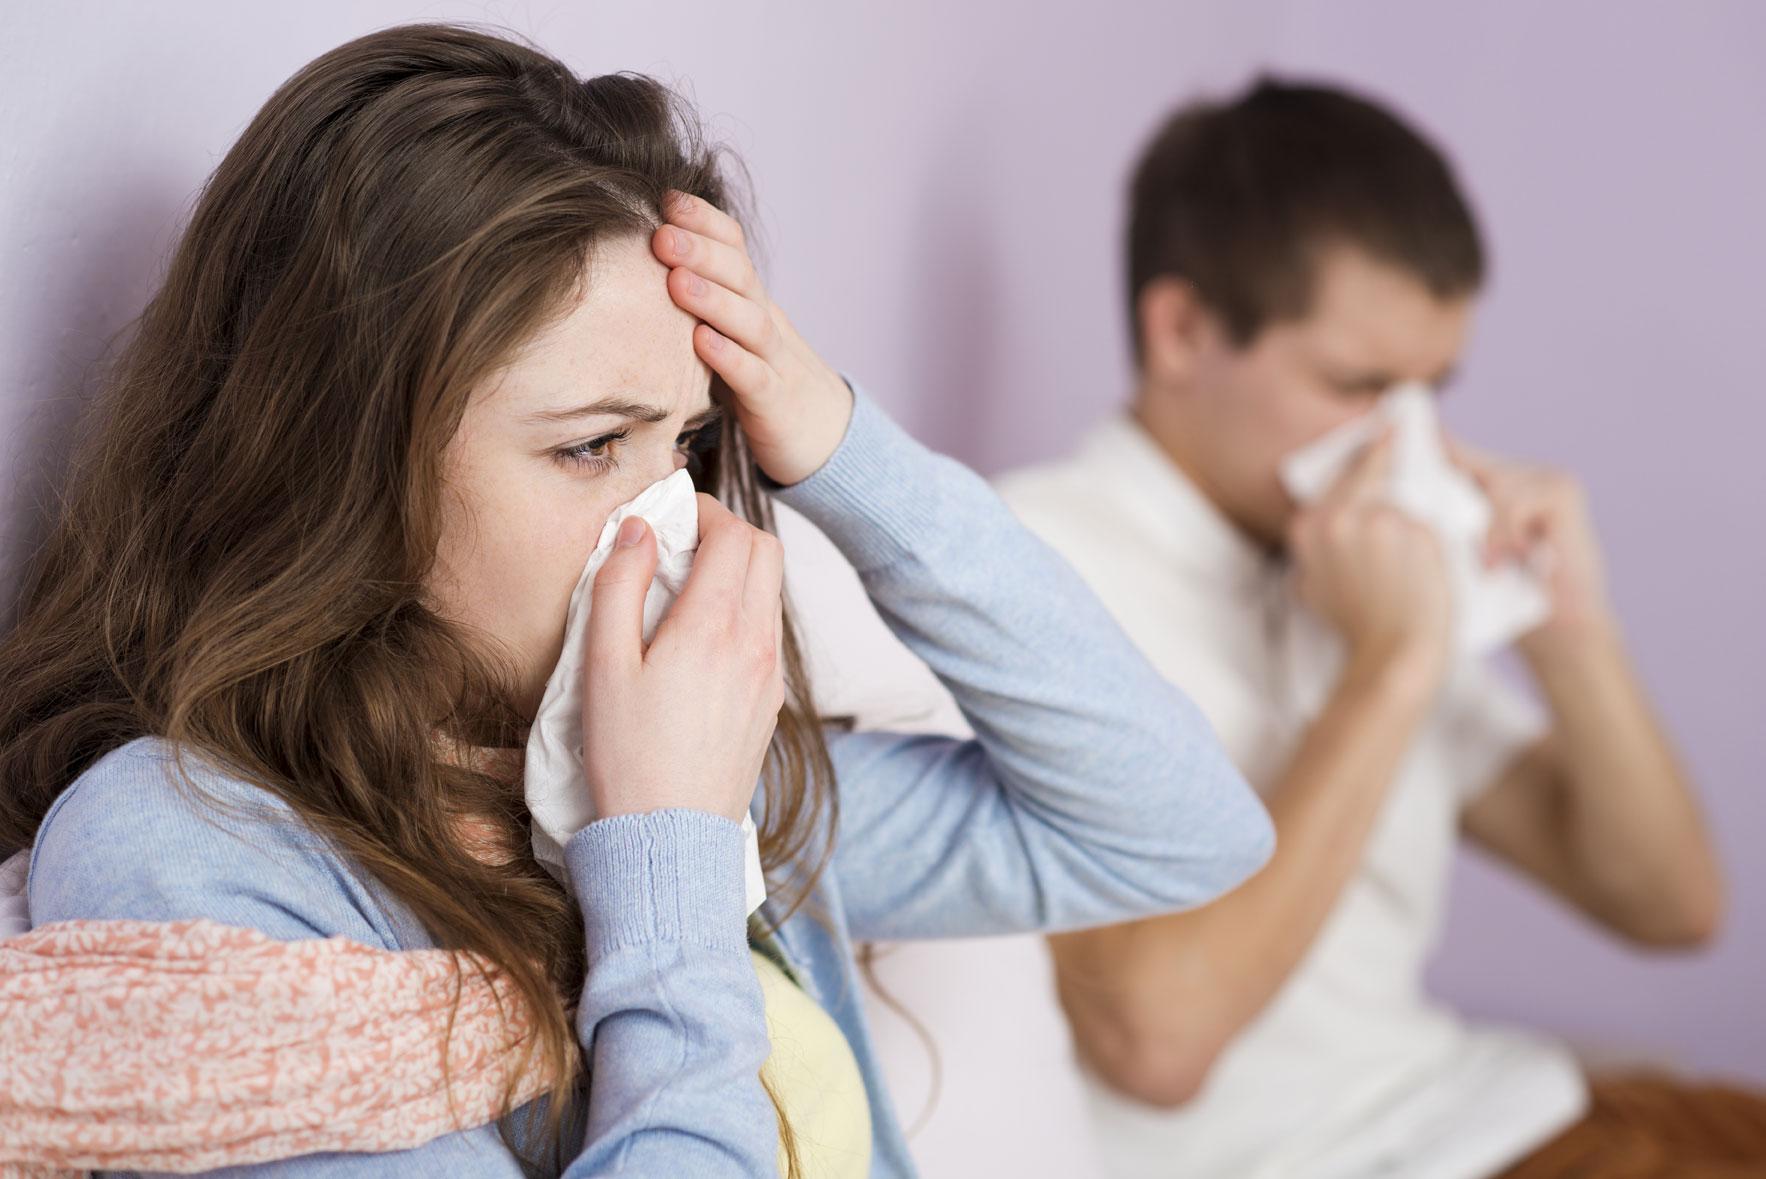 טיפול בהצטננות וסינוסיטיס באמצעות FLO